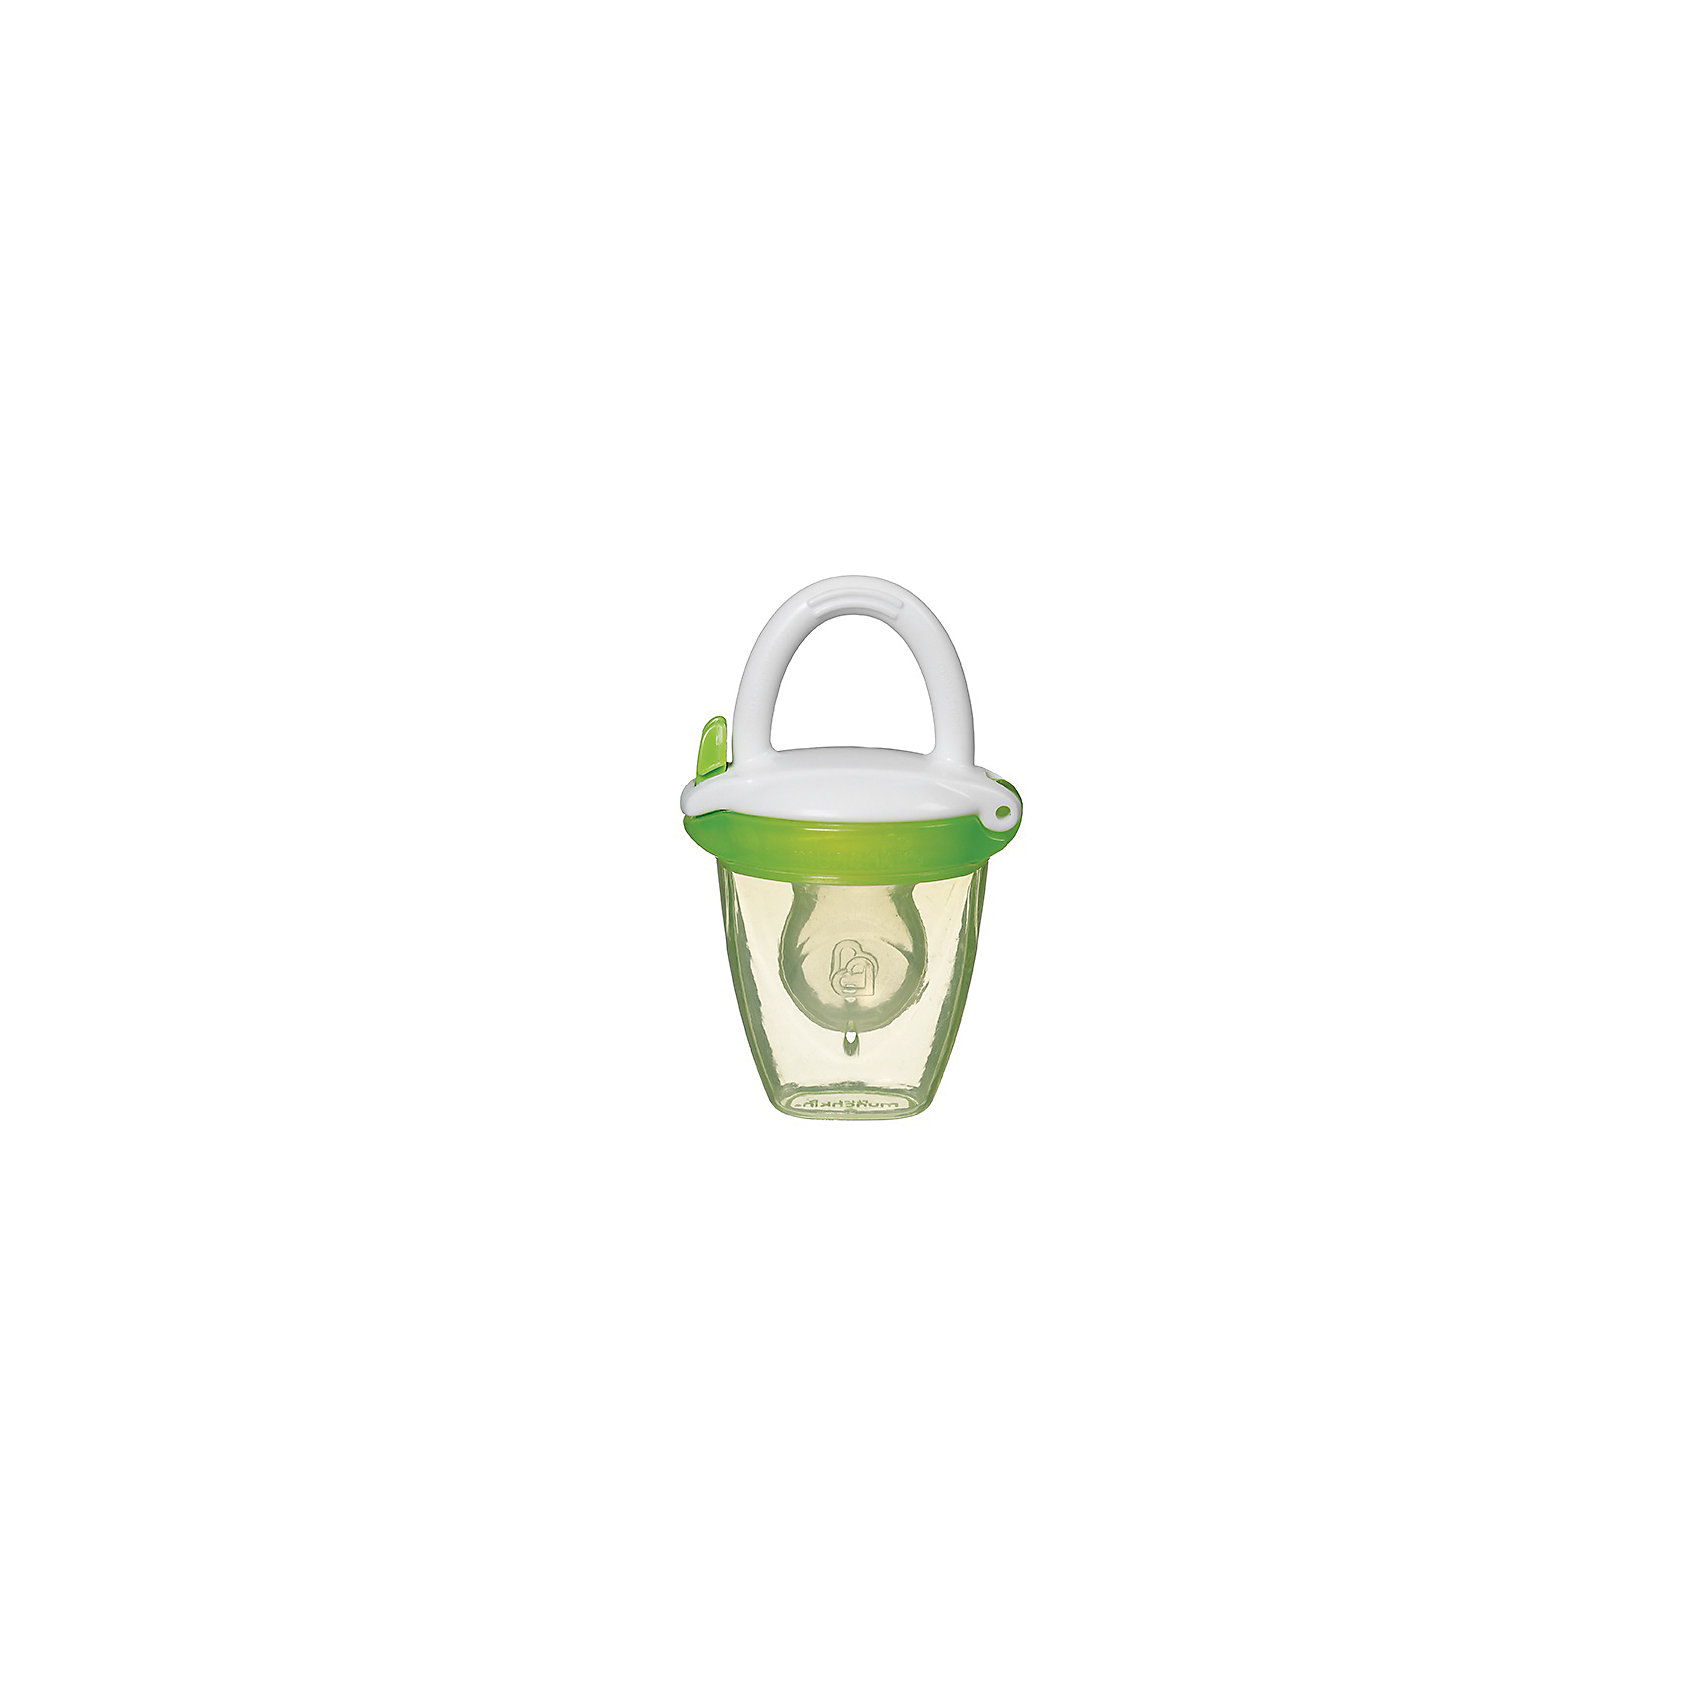 Ниблер для детского питания, Munchkin, зеленыйНиблер для детского питания, Munchkin, зеленый<br><br>Характеристики:<br><br>• Цвет: зеленый<br>• Материал: пластик, силикон<br>• Не содержит бисфенол А<br>• От 4 месяцев<br><br>Красивый и полностью безопасный ниблер сделан из качественных материалов, которые не содержат вредных веществ. Отлично подходят для введения прикорма: кусочков фруктов, овощей, печенья и даже мяса. Силиконовая часть, в которую помещены кусочки фруктов и овощей, пропускает еду в виде пюре. Это помогает на первоначальных этапах прикорма. Кроме этого ниблер может послужить прорезывателем для зубов. Удобная ручка не выскальзывает из маленьких рук ребенка и помогает ему самостоятельно учиться кушать. Есть крышечка в комплекте. Ниблер легко чистить.<br><br>Ниблер для детского питания, Munchkin, зеленый можно купить в нашем интернет-магазине.<br><br>Ширина мм: 50<br>Глубина мм: 200<br>Высота мм: 100<br>Вес г: 50<br>Возраст от месяцев: 4<br>Возраст до месяцев: 12<br>Пол: Унисекс<br>Возраст: Детский<br>SKU: 5101194